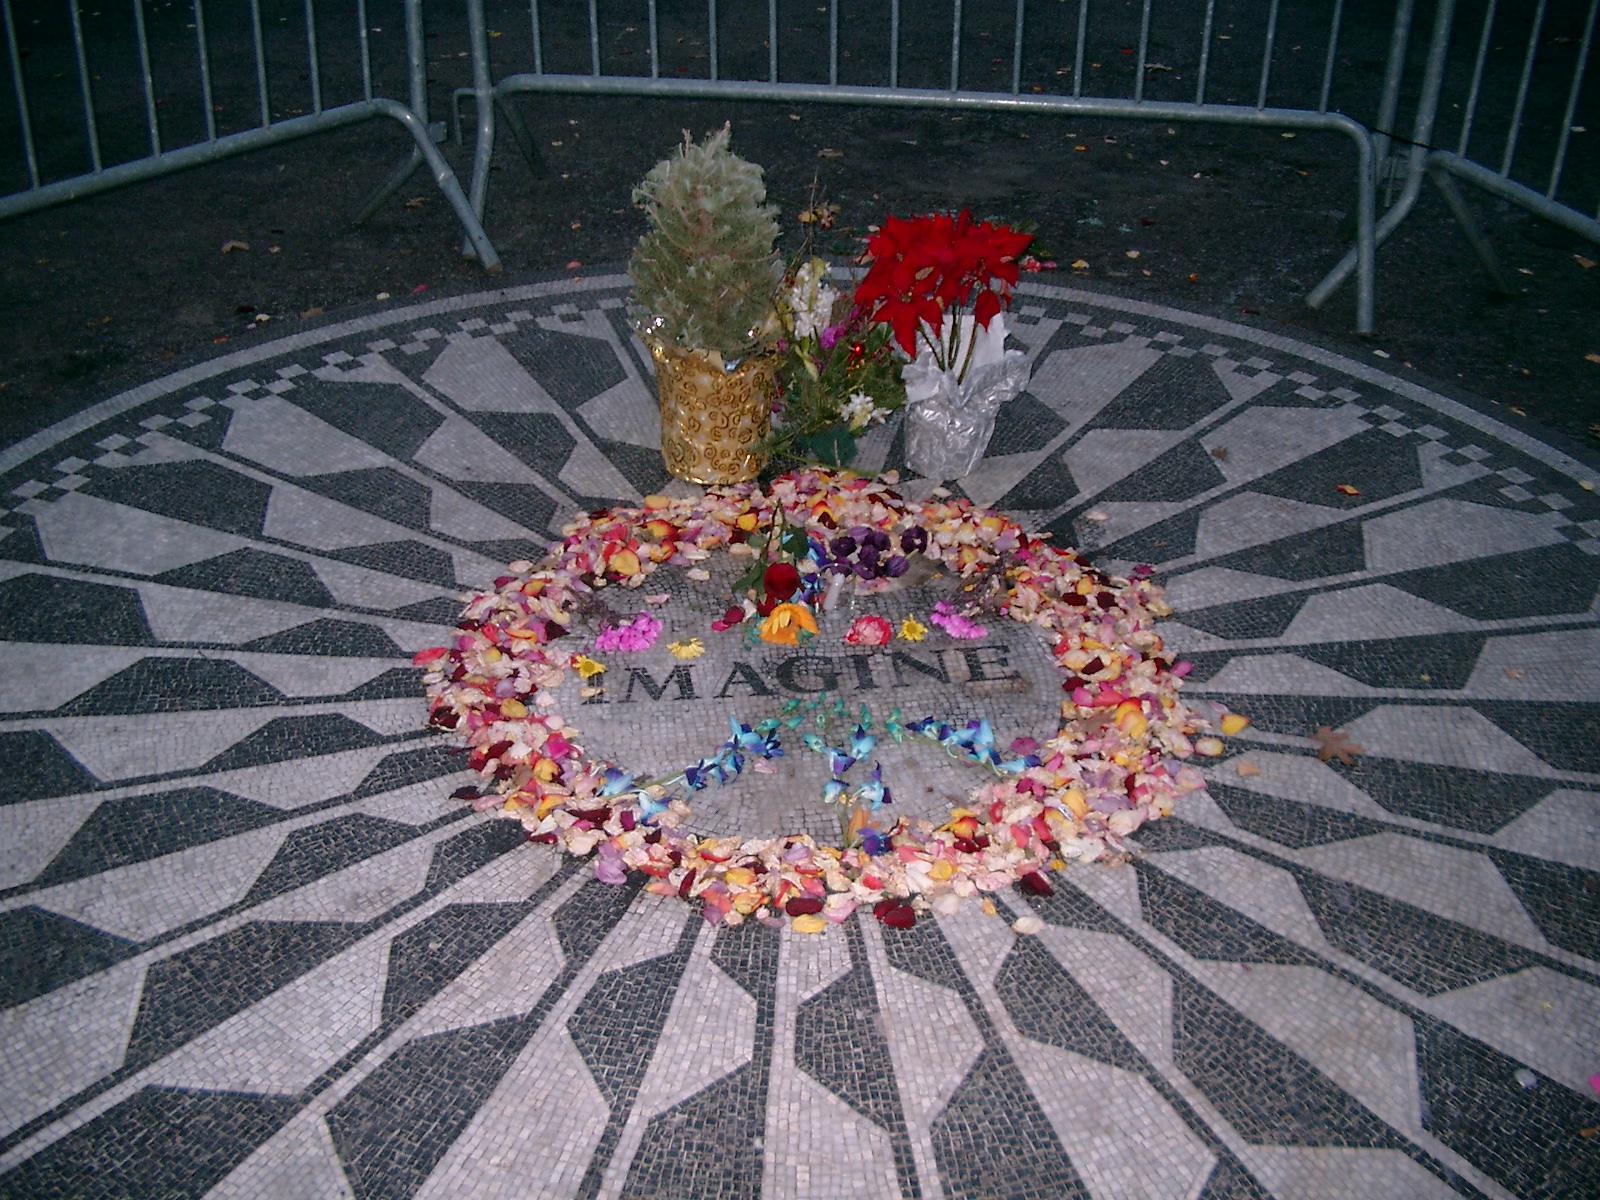 John-Lennon-Gedenkstätte, Central Park West